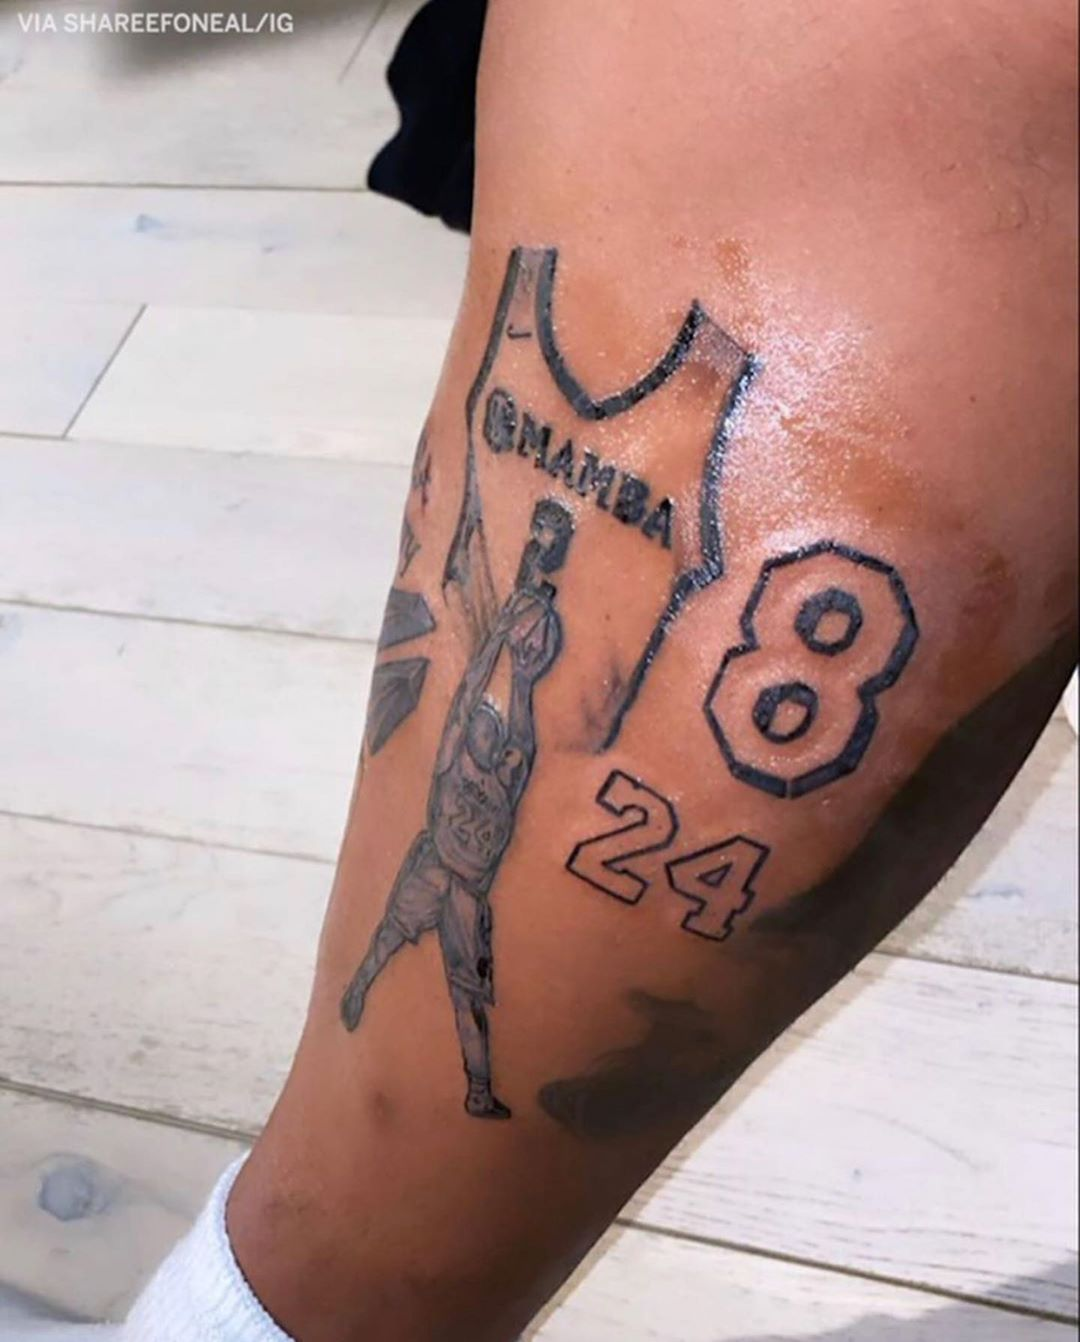 Pin by aliyah baskin on Tattoos in 2020 Kobe bryant